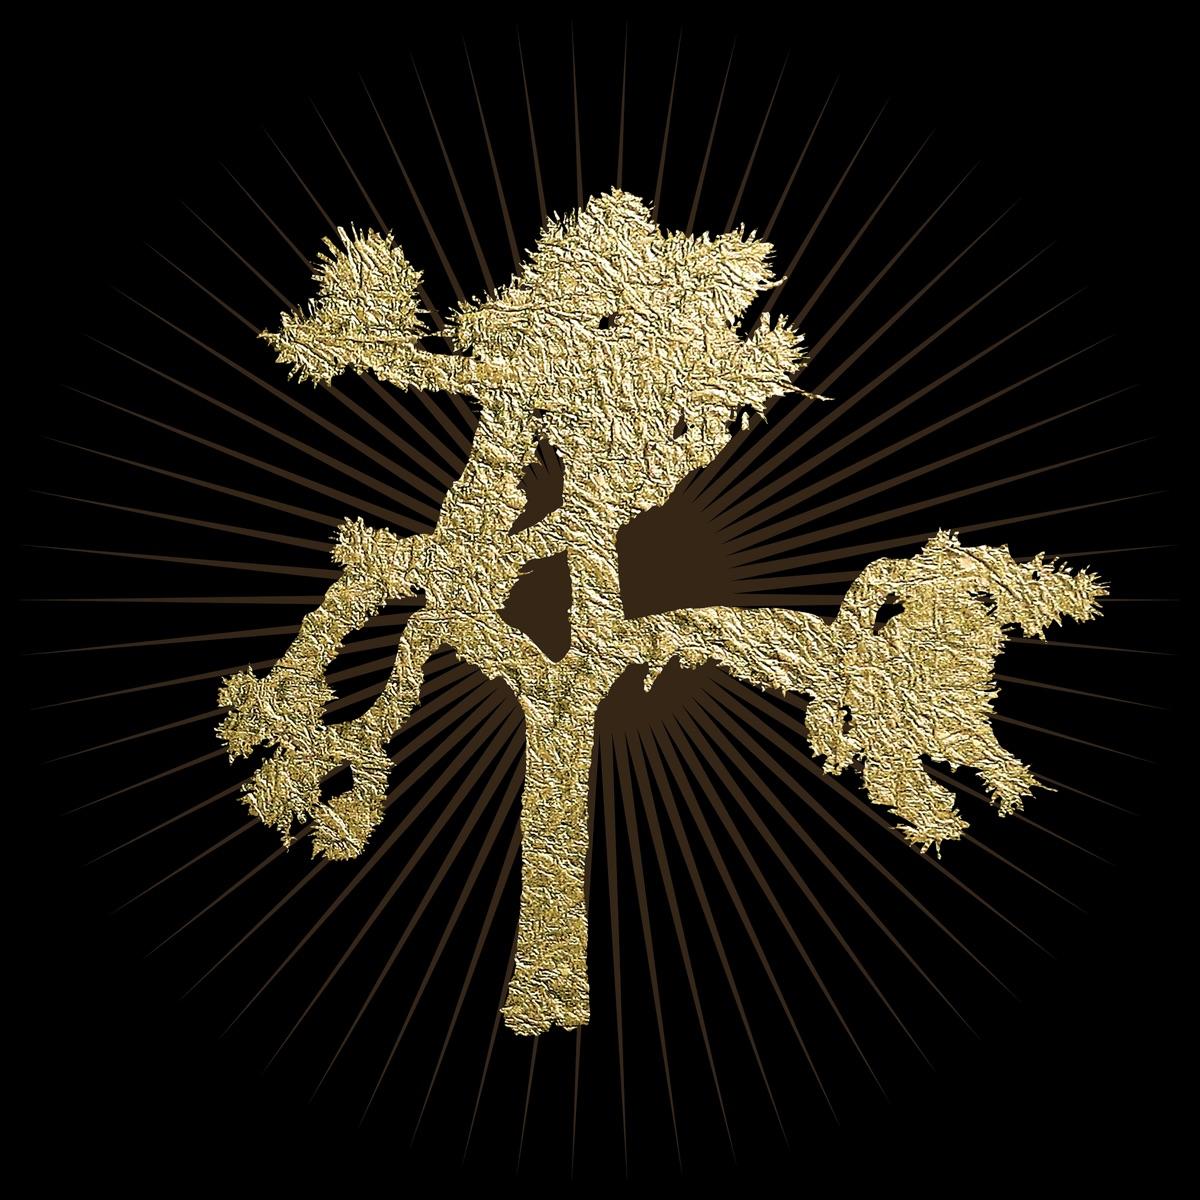 The Joshua Tree Super Deluxe U2 CD cover